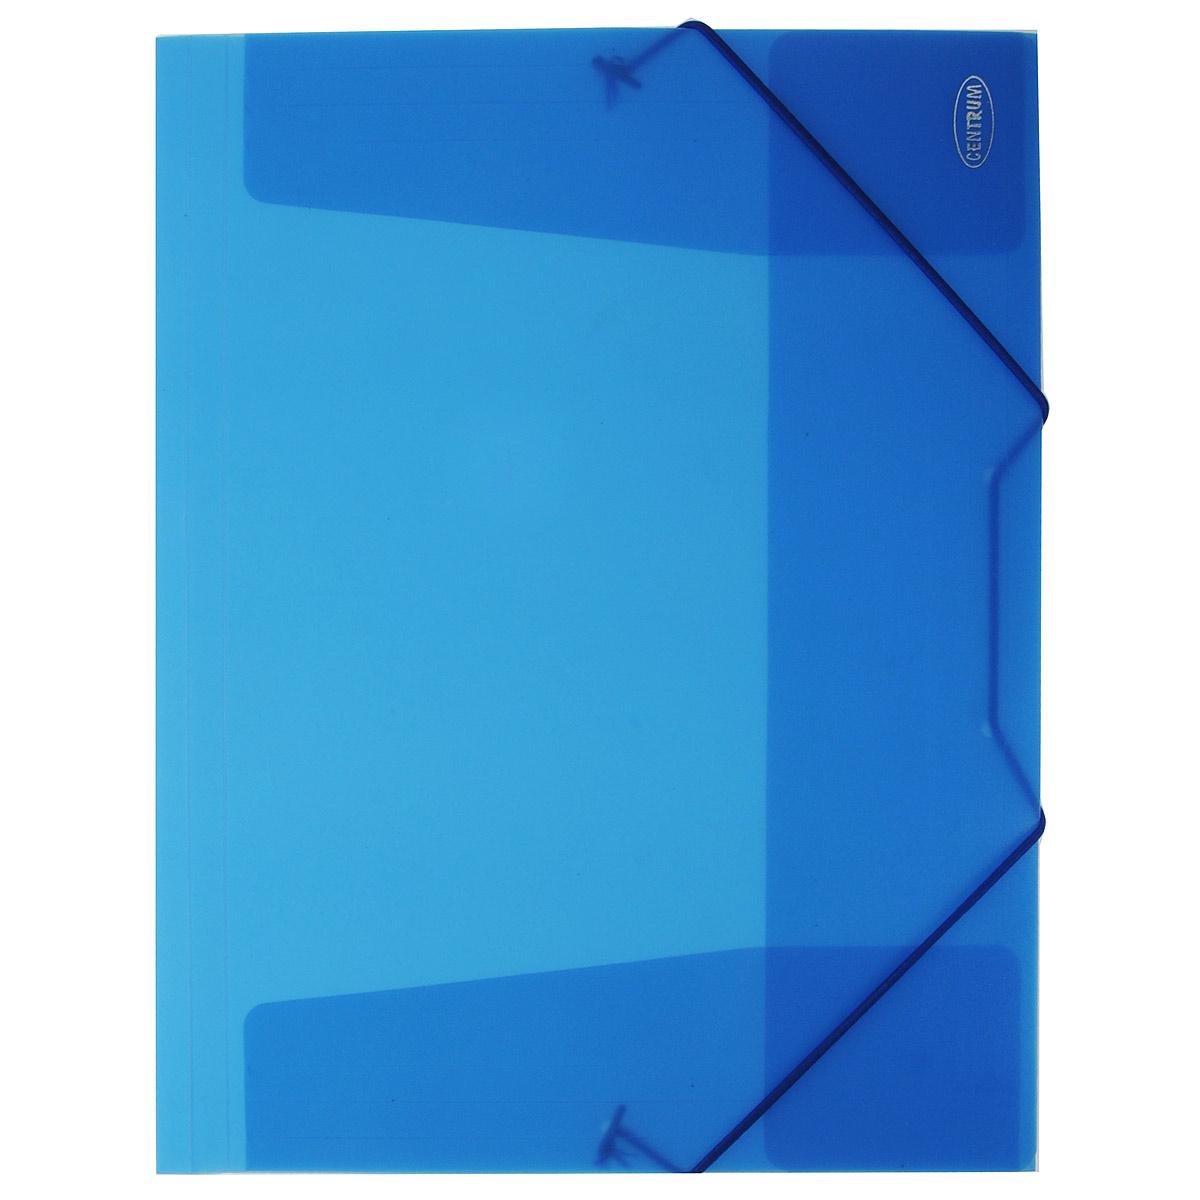 Папка конверт на резинках, цвет: синий. 80016AC-1121RD80016 Папка на резинках 240х320 мм. А4. 80016, цвет: синий